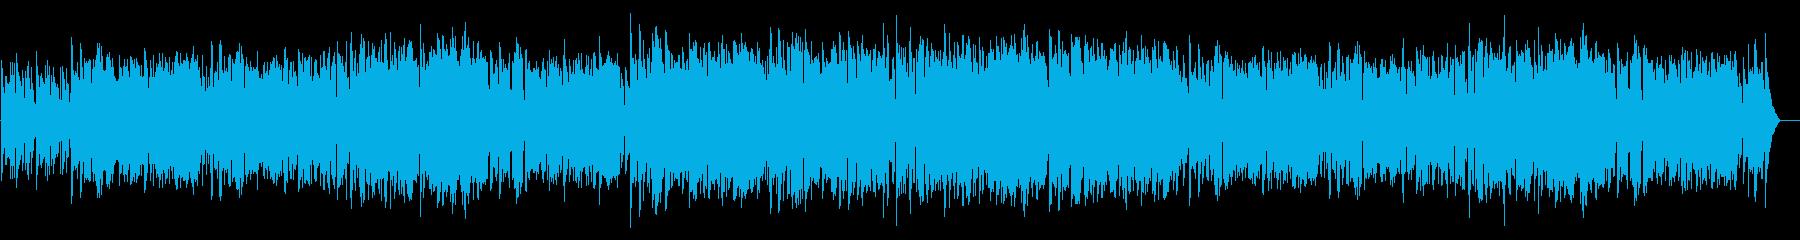 ゆったりボサノバ風BGMの再生済みの波形